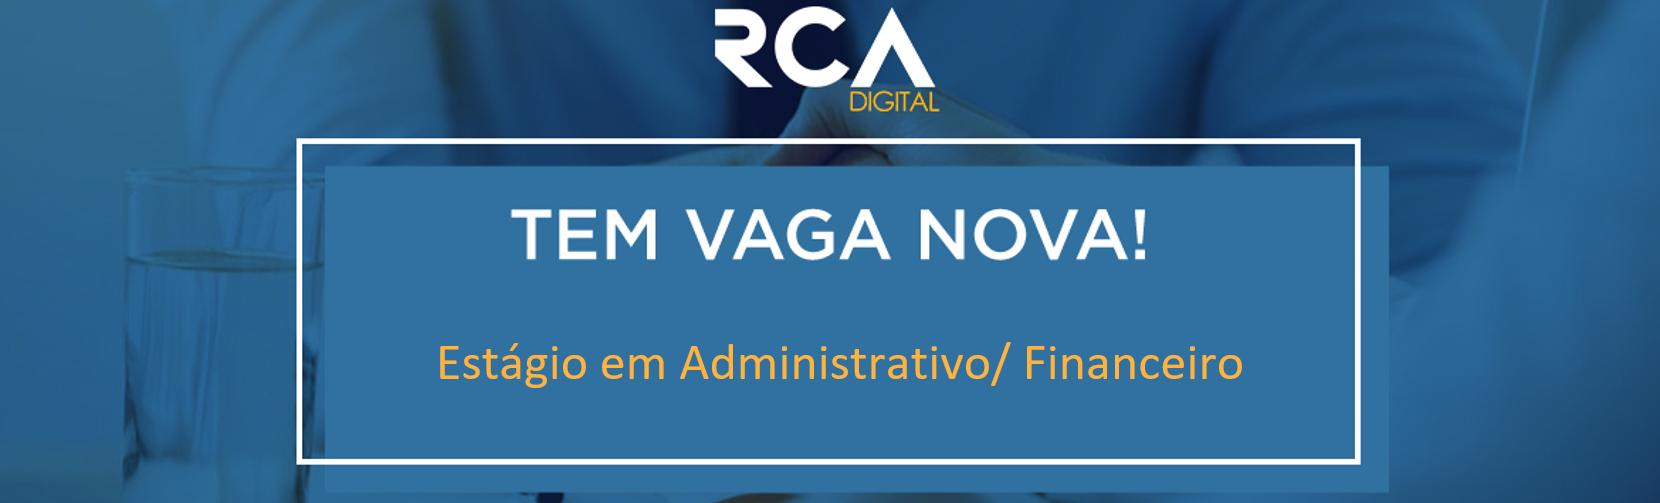 [RCA] - Estágio em Administrativo Financeiro